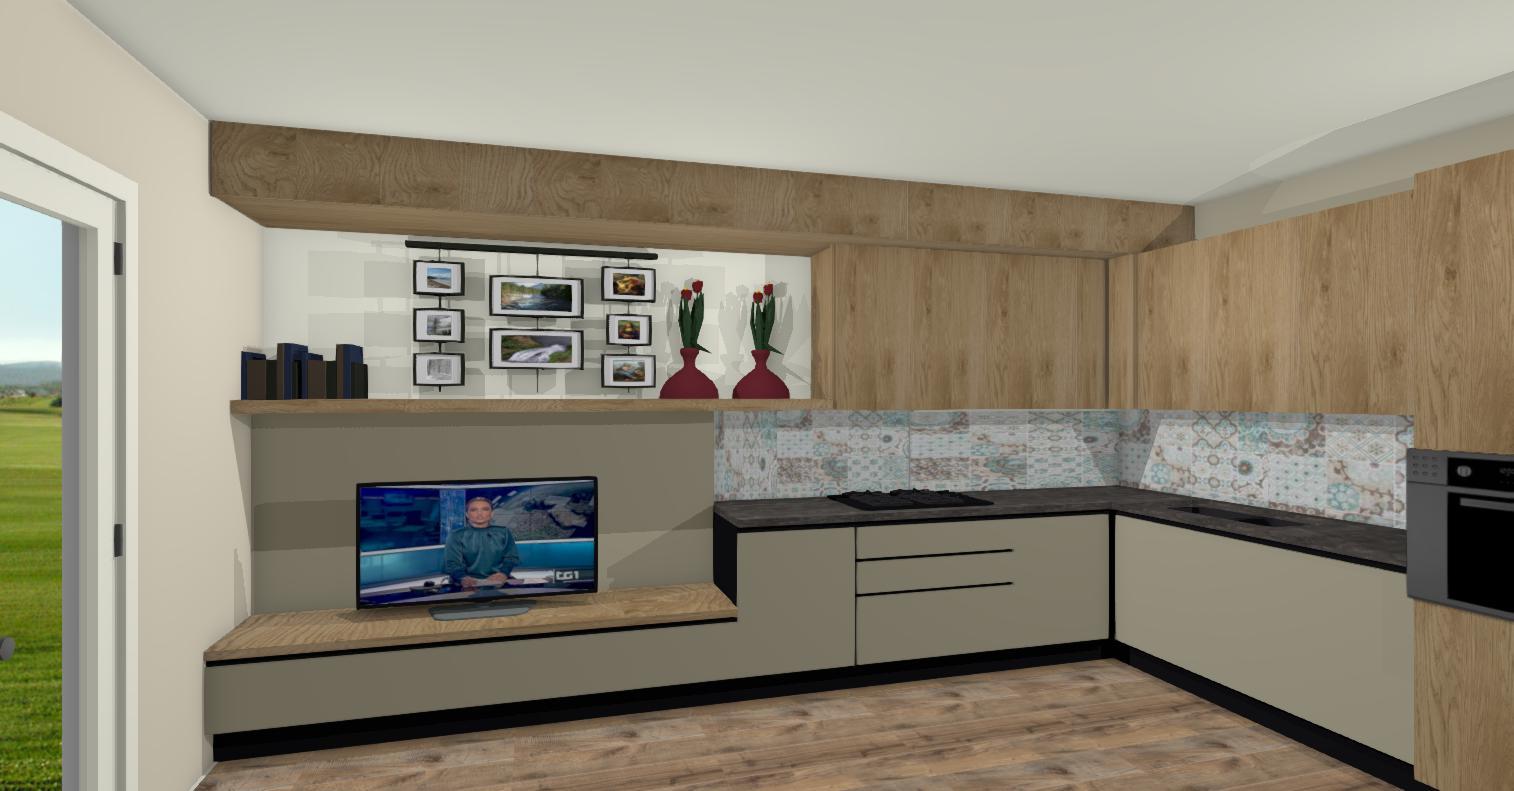 Cucina archivi lineatre arredamenti alberobello - Profondita mobili cucina ...